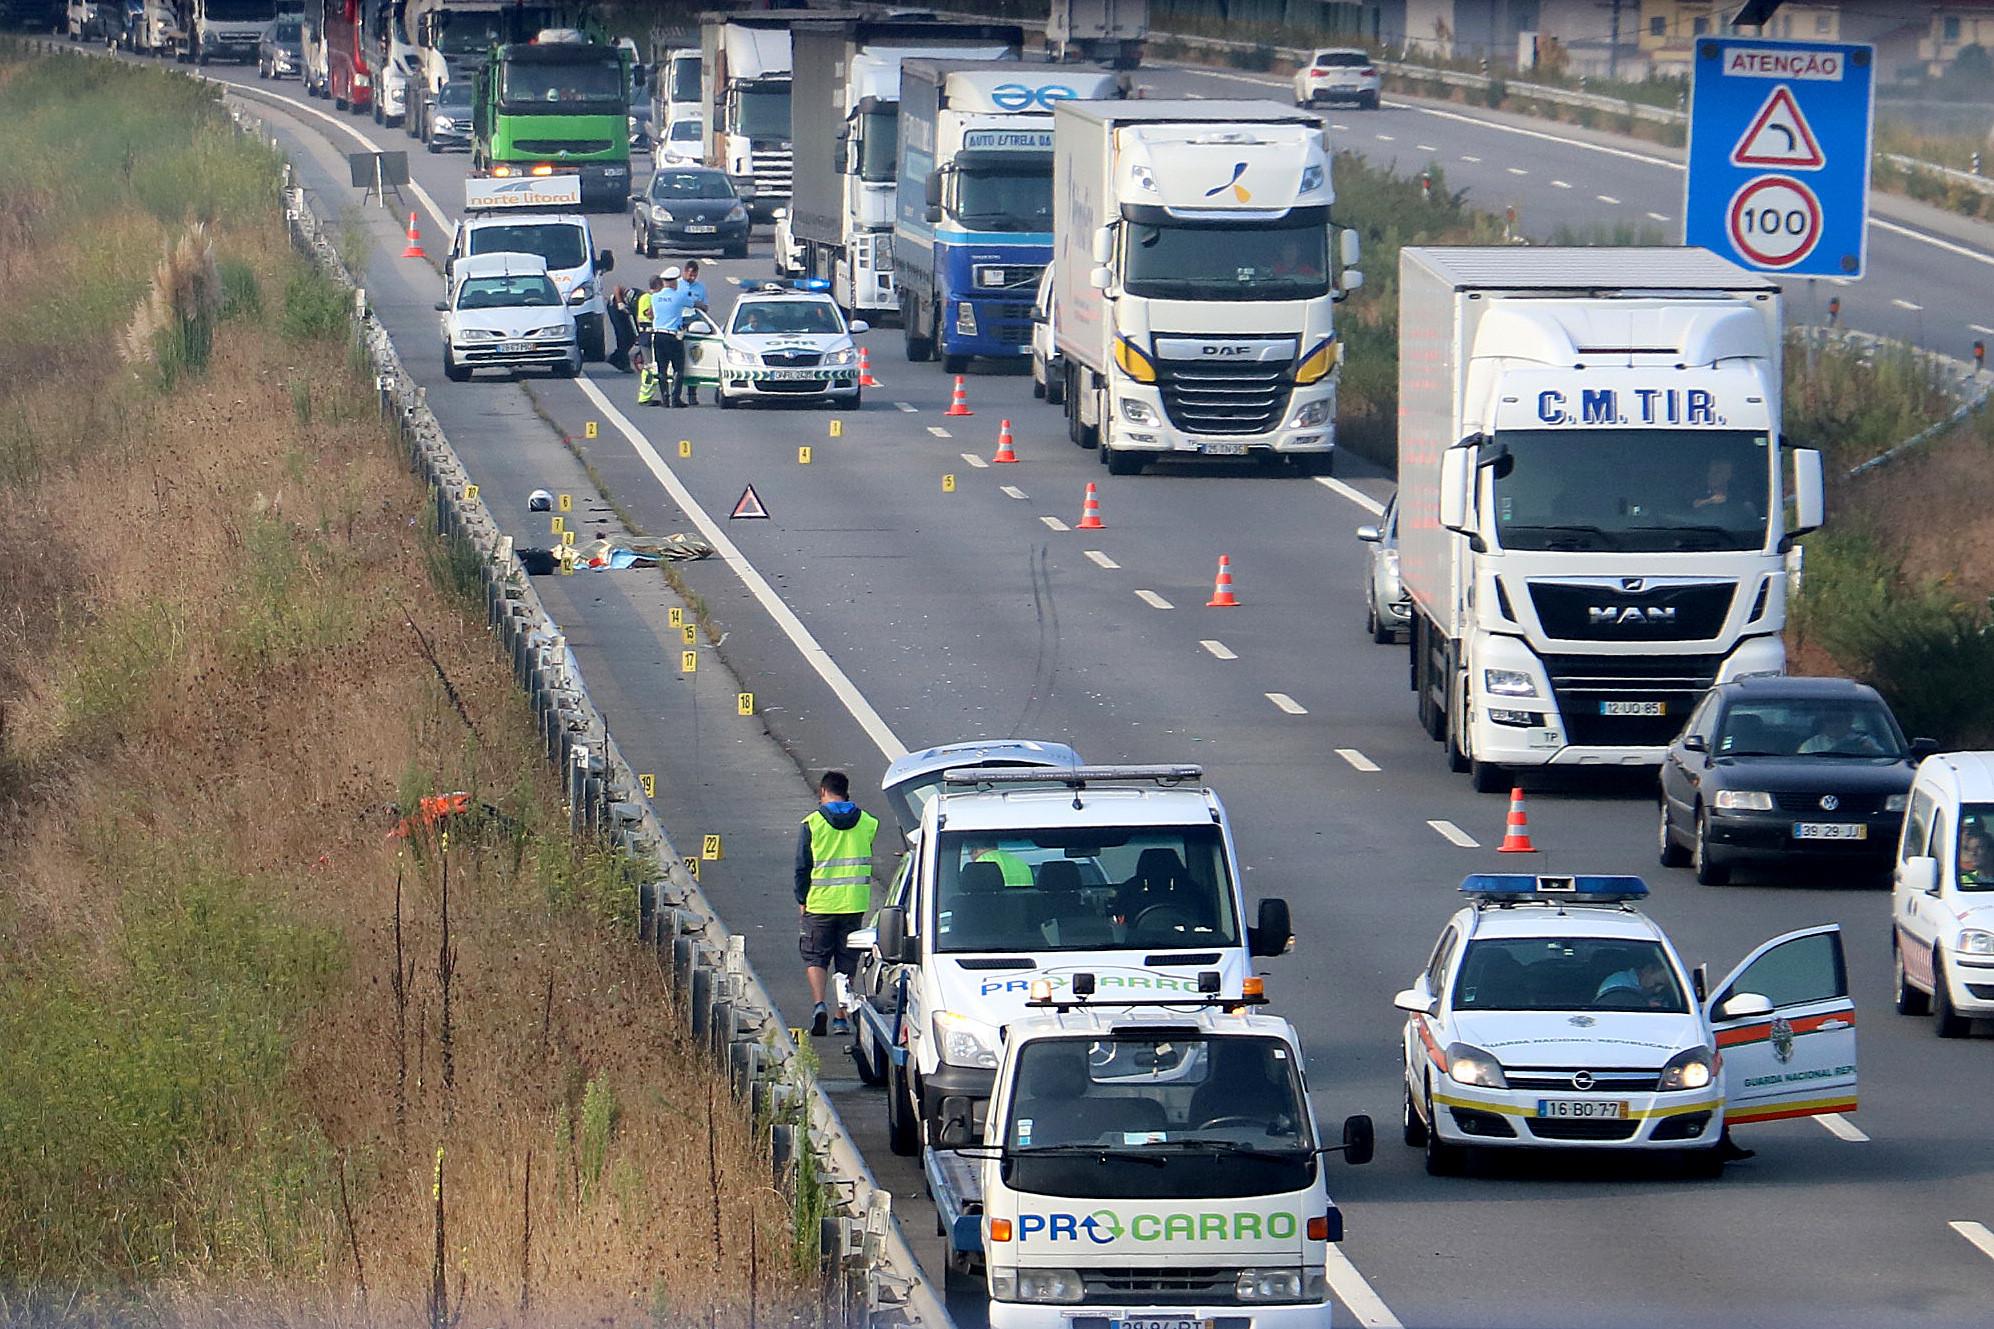 A28 totalmente reaberta ao trânsito, mais de dez horas após despiste